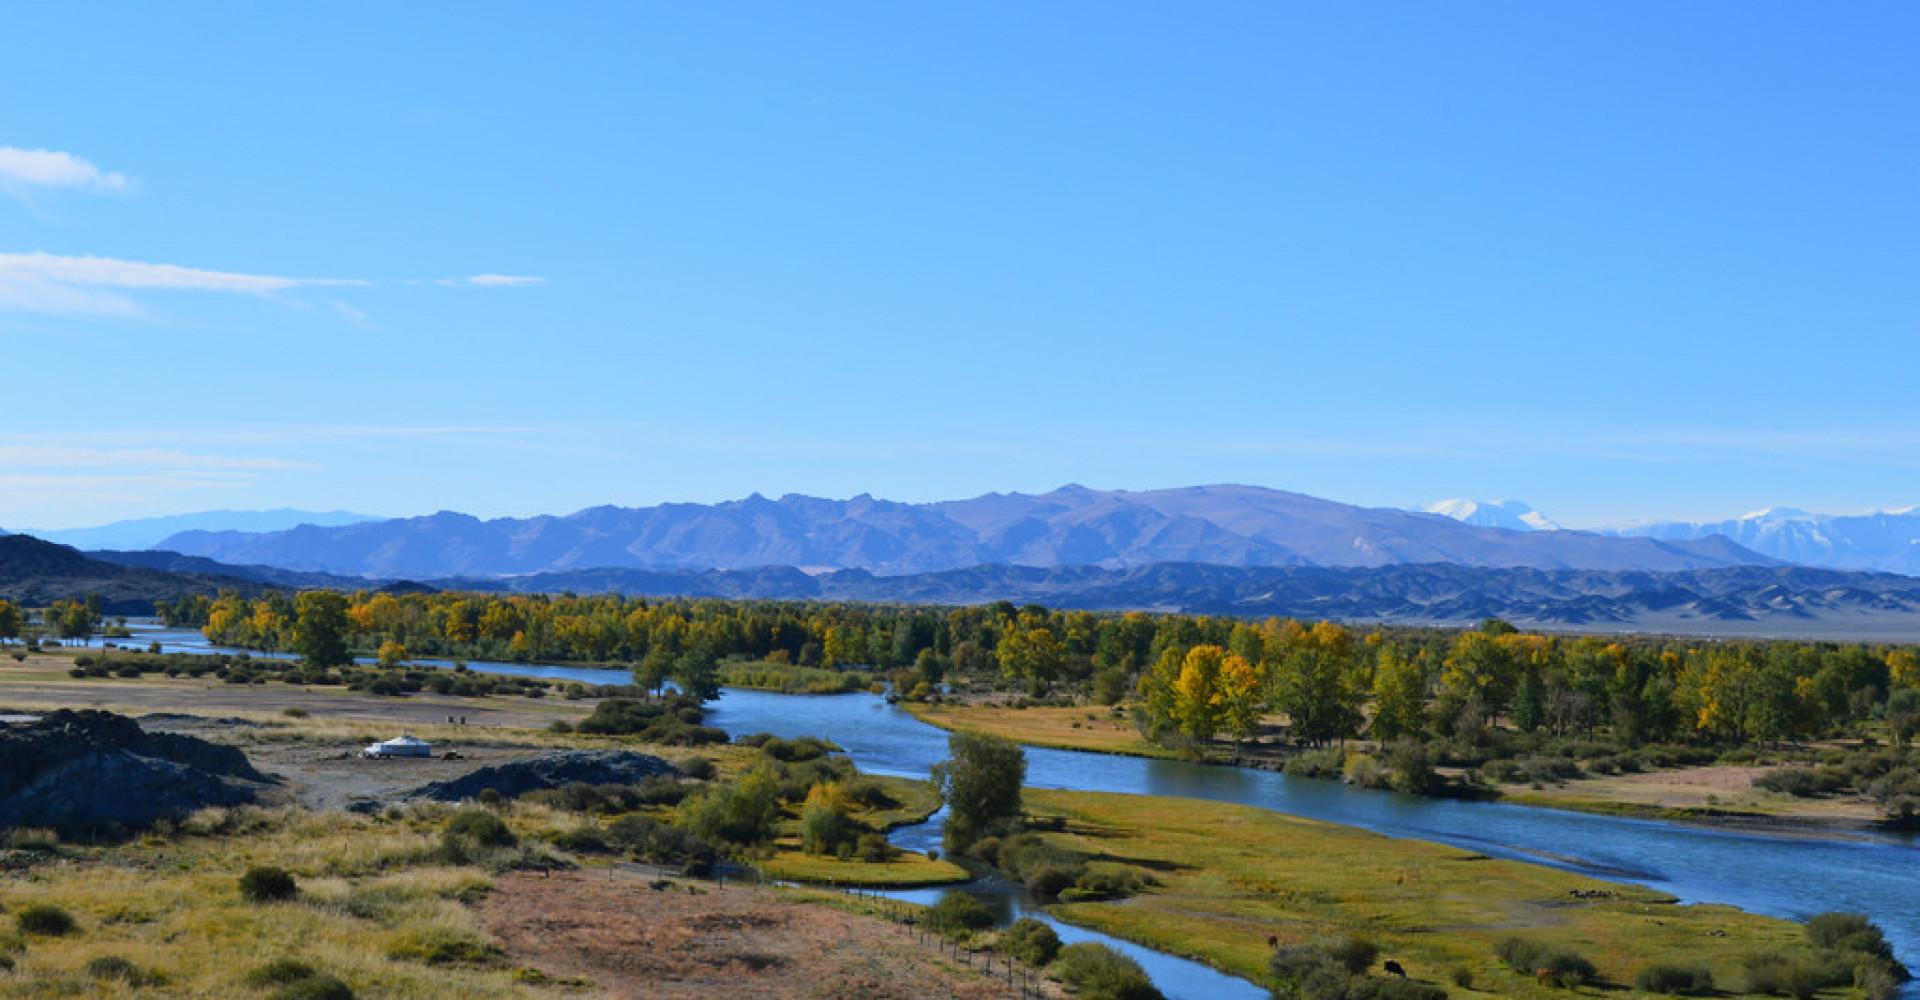 Khovd river